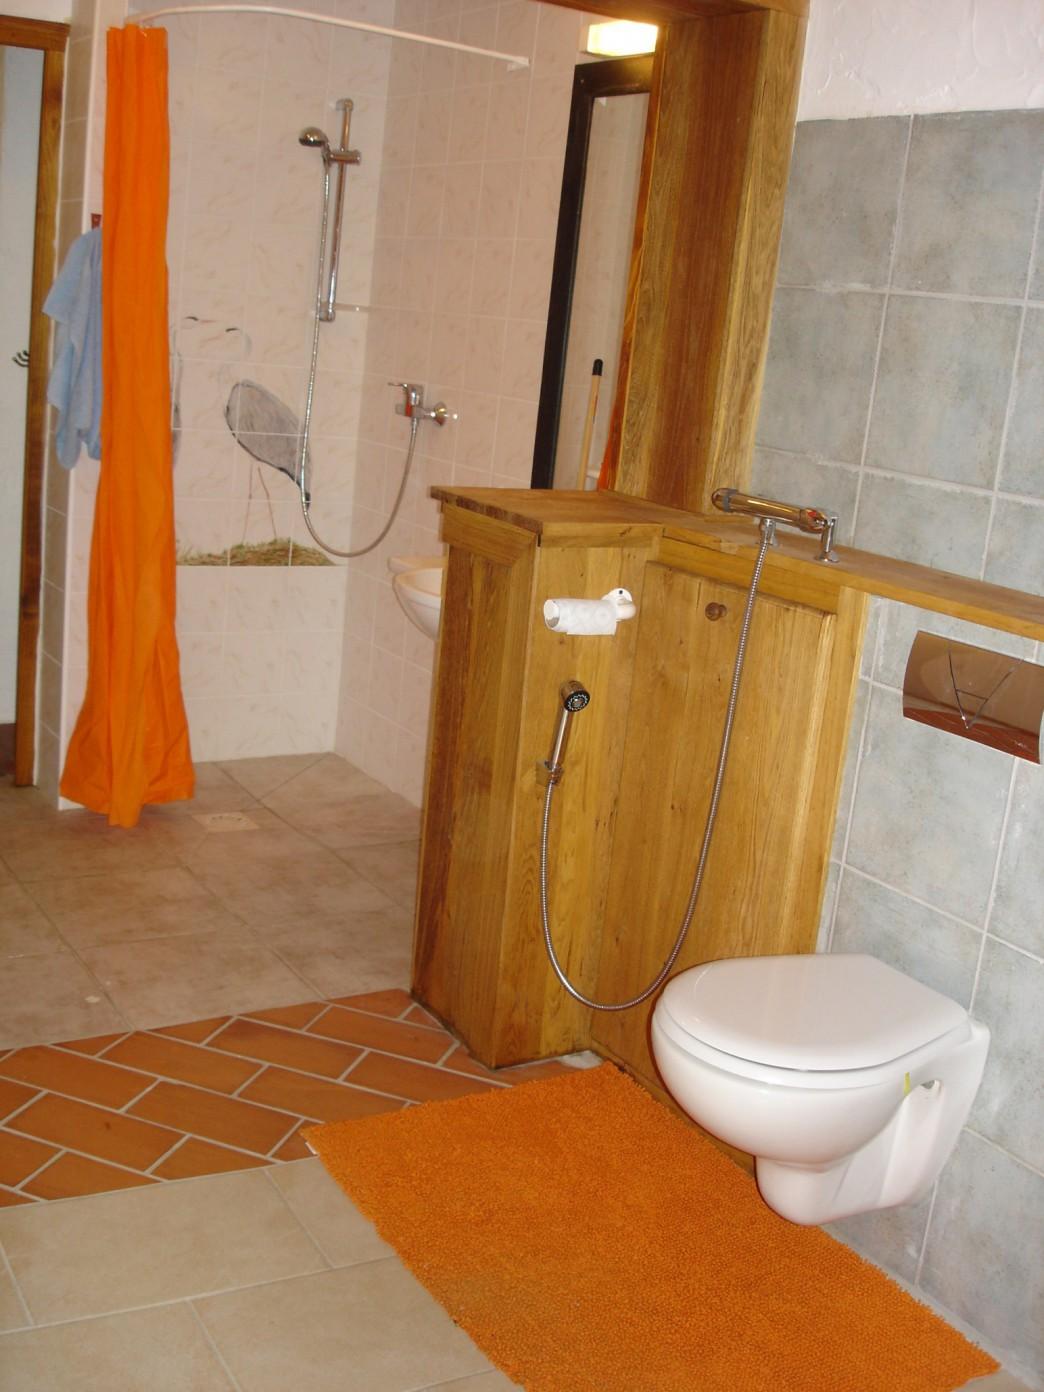 Fischerhaus Badezimmer Unten